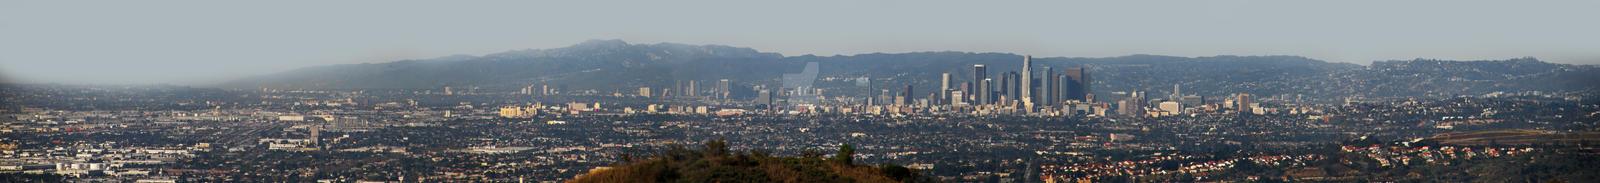 Los Angeles City Panorama